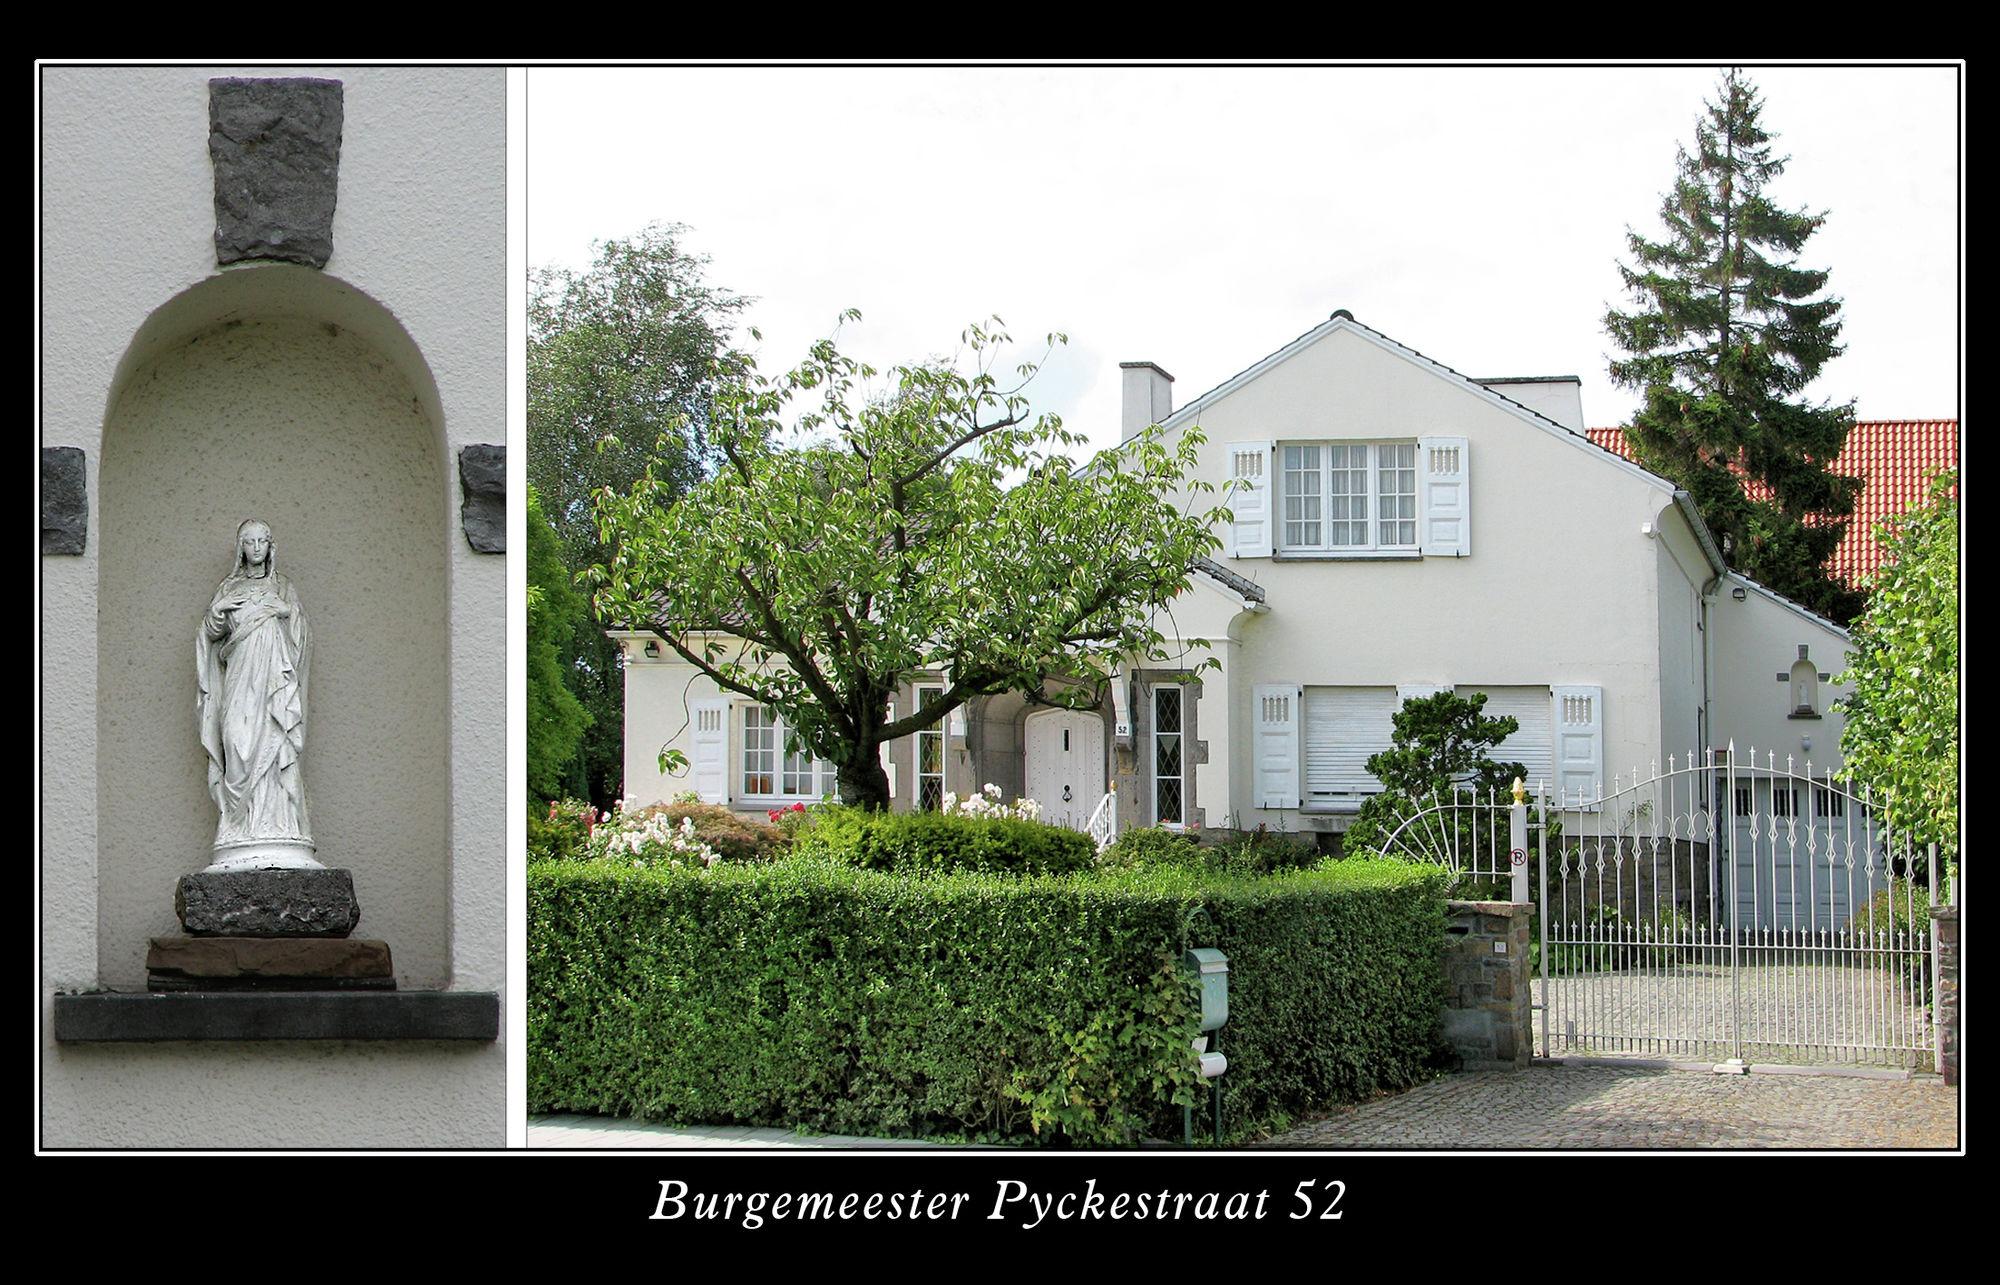 Muurkapel Burgemeester Pyckestraat 52